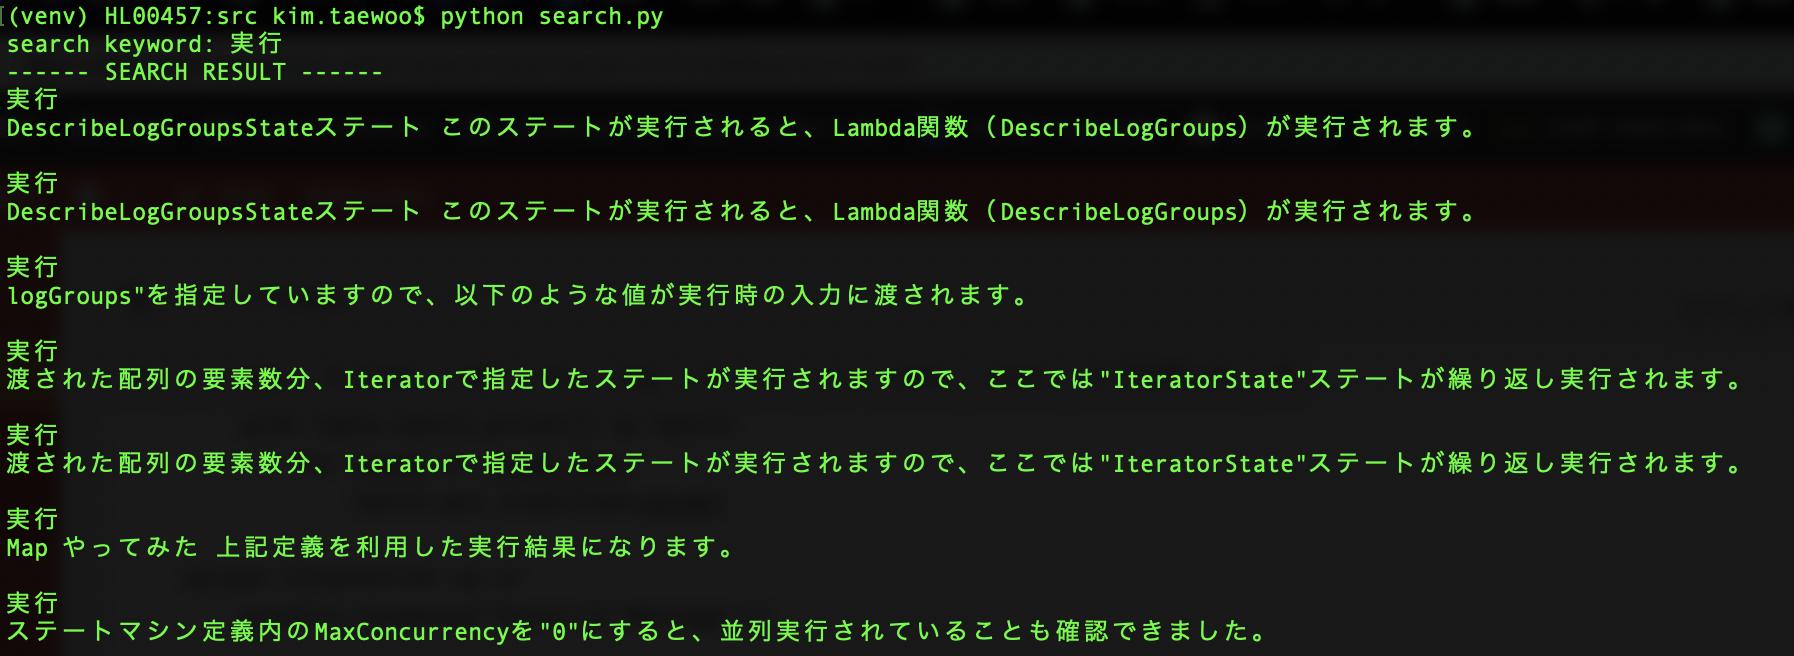 terminal-output-3